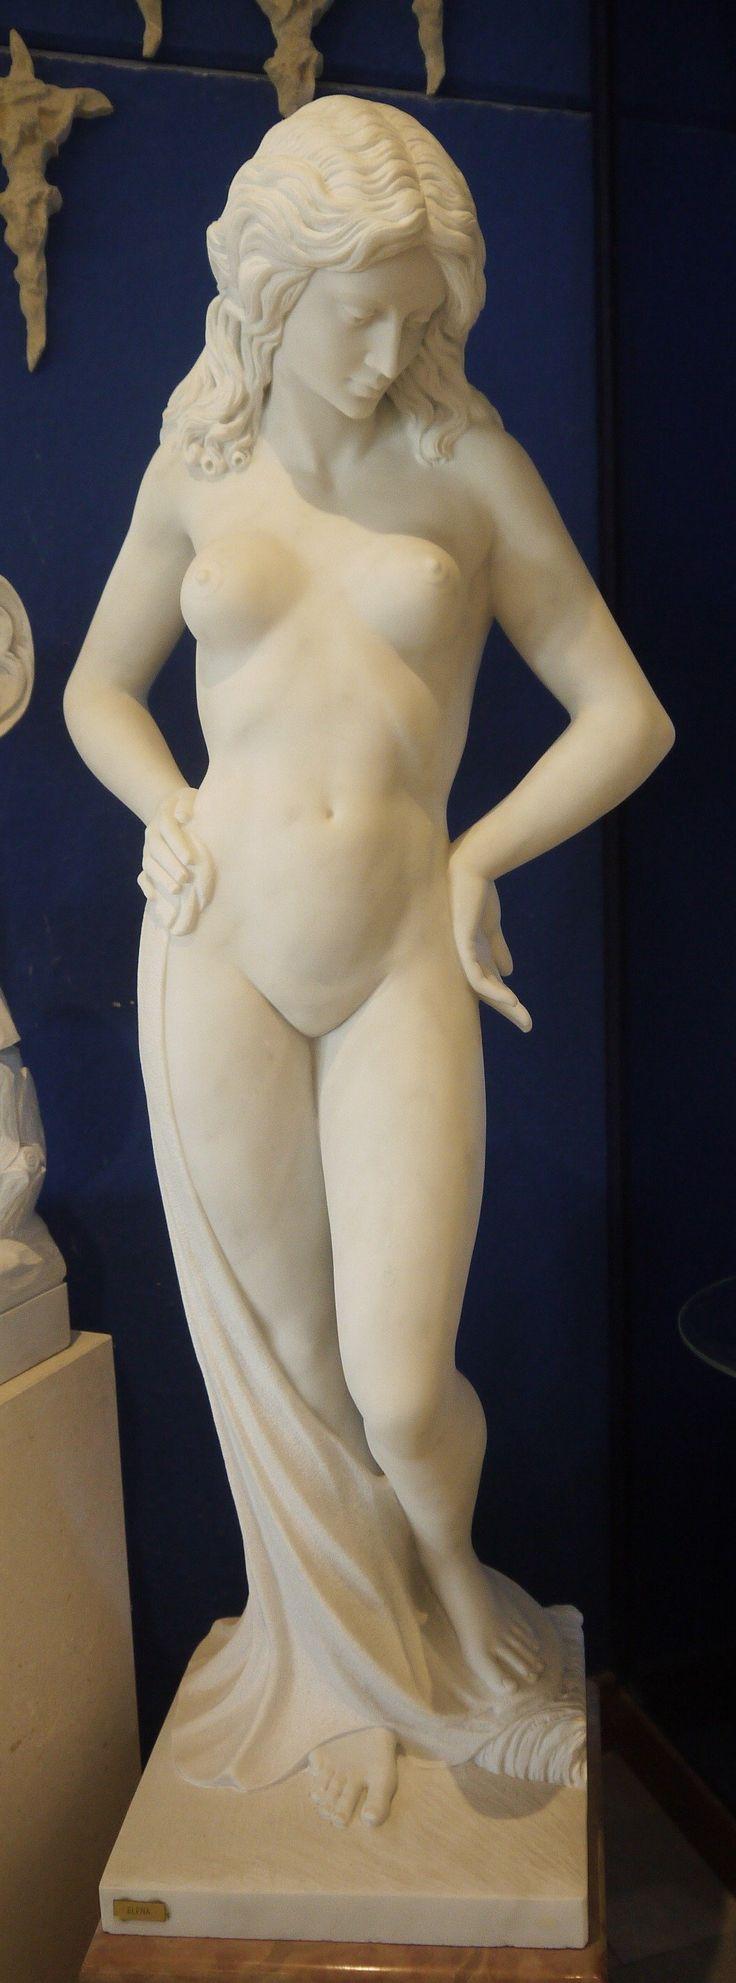 """Scultura in marmo Elena - http://www.achillegrassi.com/it/project/scultura-elena-in-marmo-bianco-carrara-levigato-con-basamento-in-marmo-rosso-asiago-lucido/ - Scultura """"Elena"""" in Marmo bianco Carrara levigato con basamento in marmo Rosso Asiago lucido Dimensioni:  50cm x 50cm x 210cm (H)"""